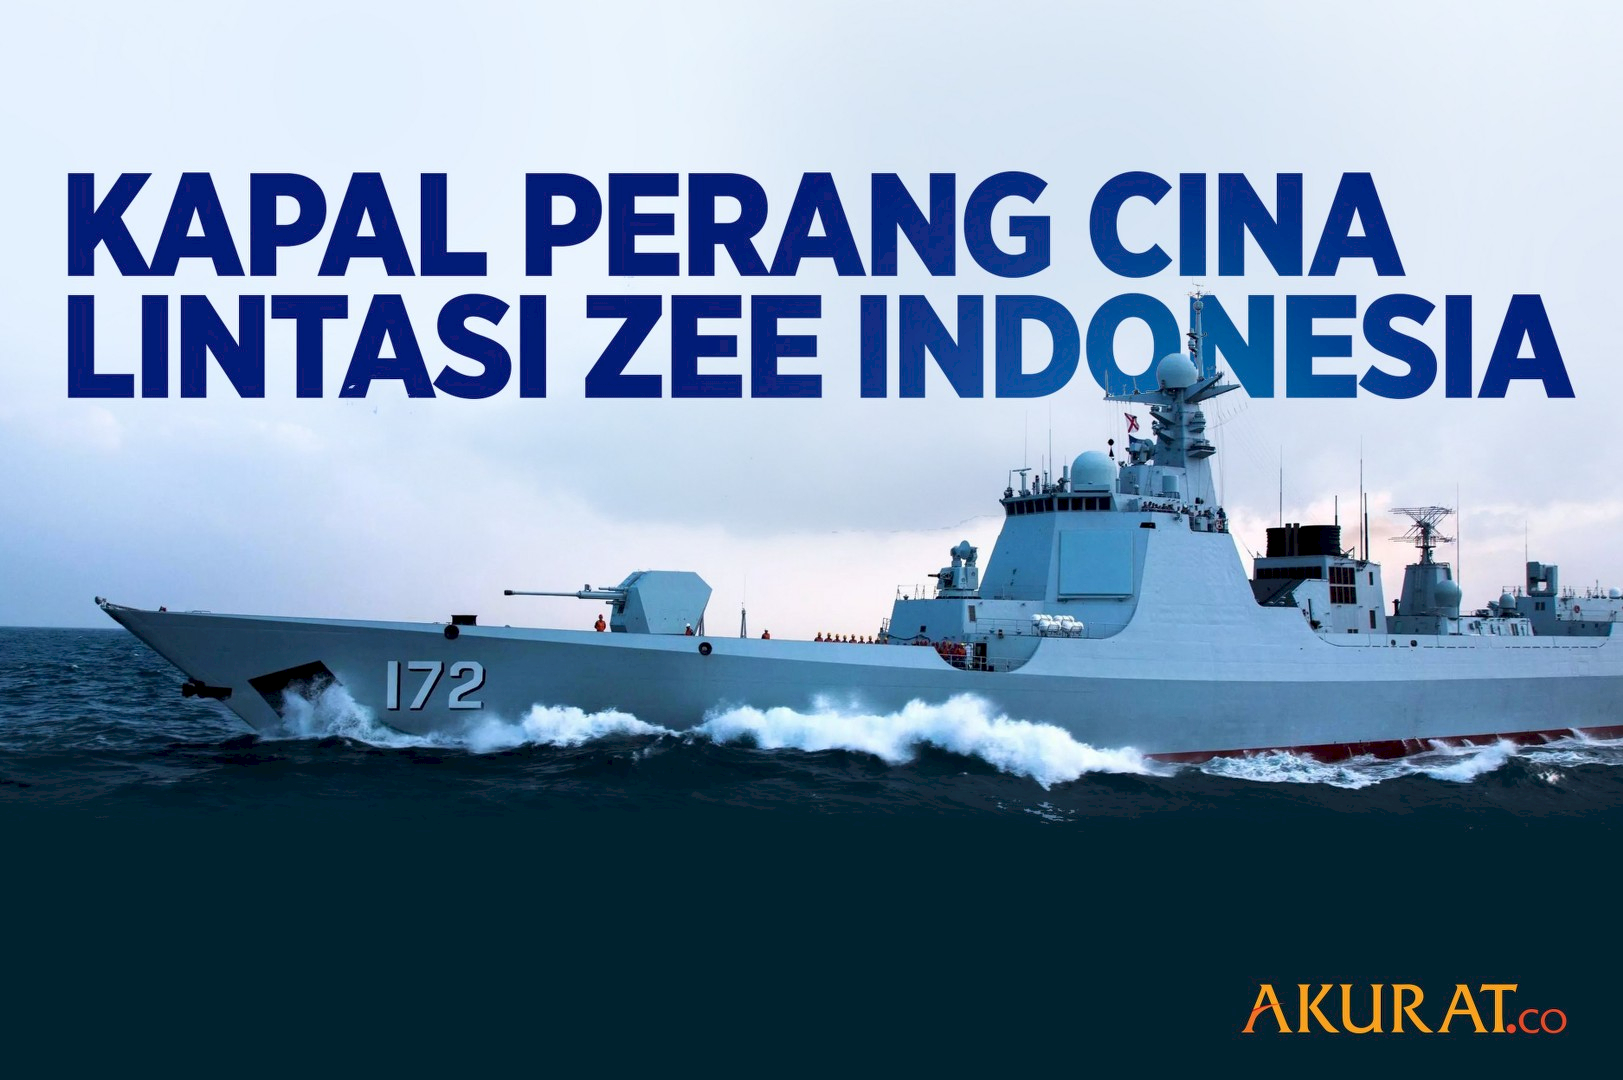 Kapal Perang Cina Lintasi ZEE Indonesia